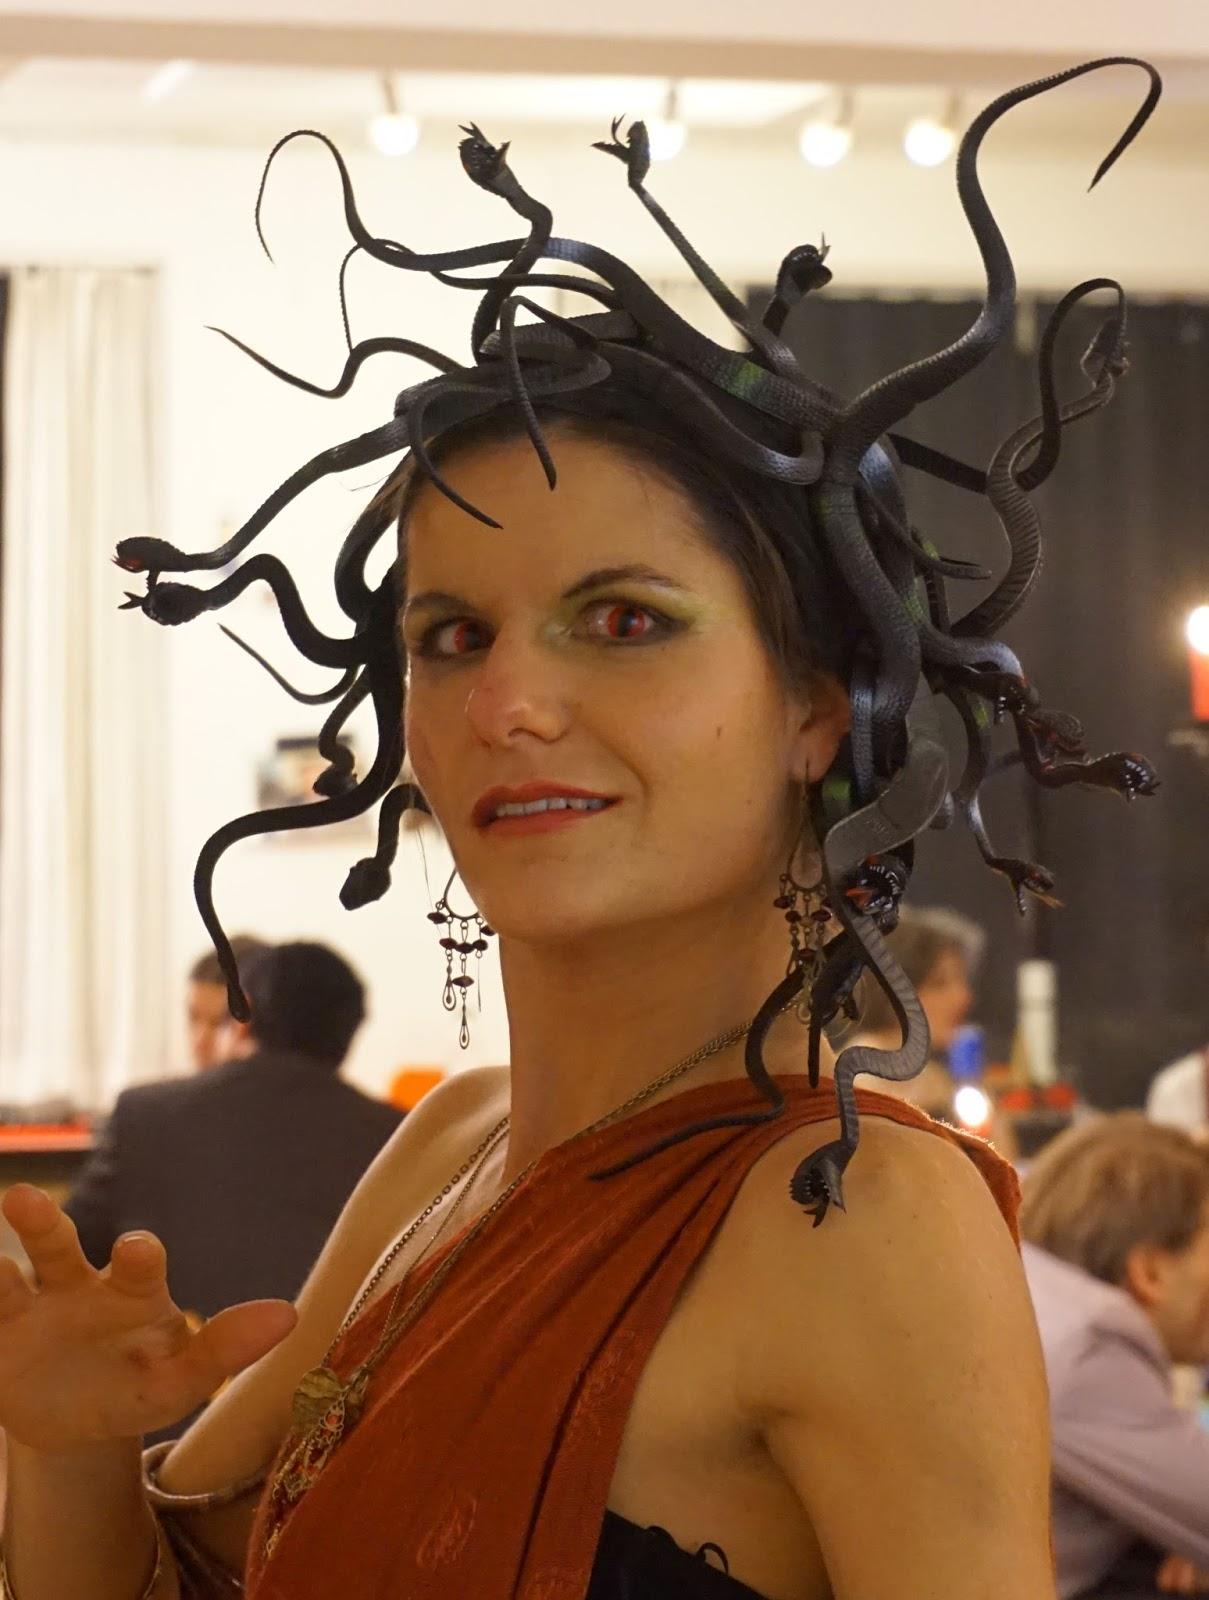 Kamel im Nadelöhr: Medusa-Kostüm und Bösewichteparty